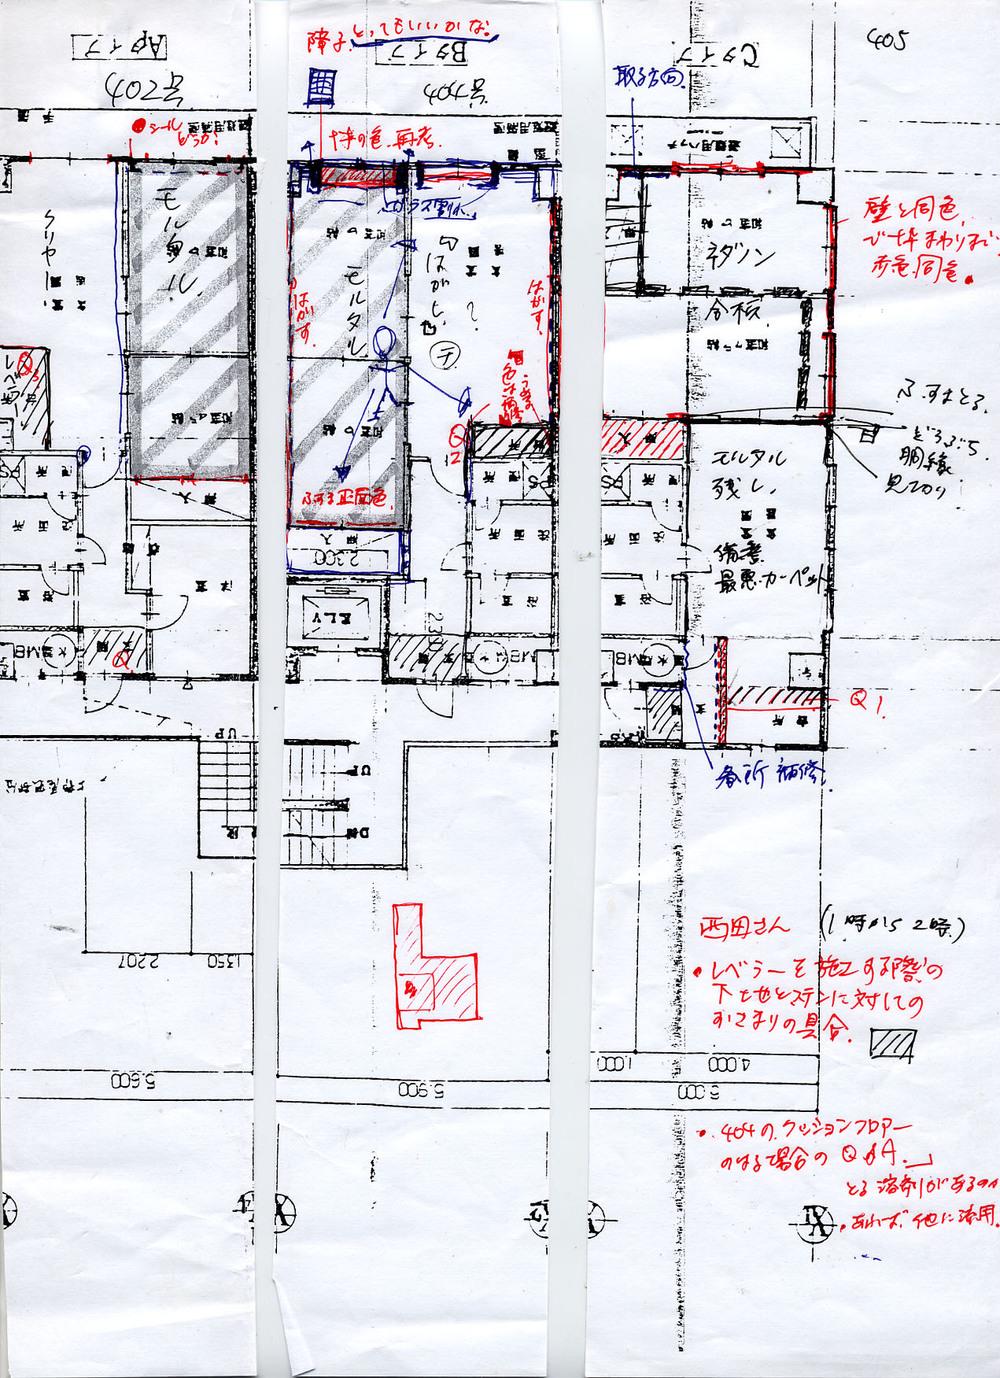 SF_sketch01.jpg